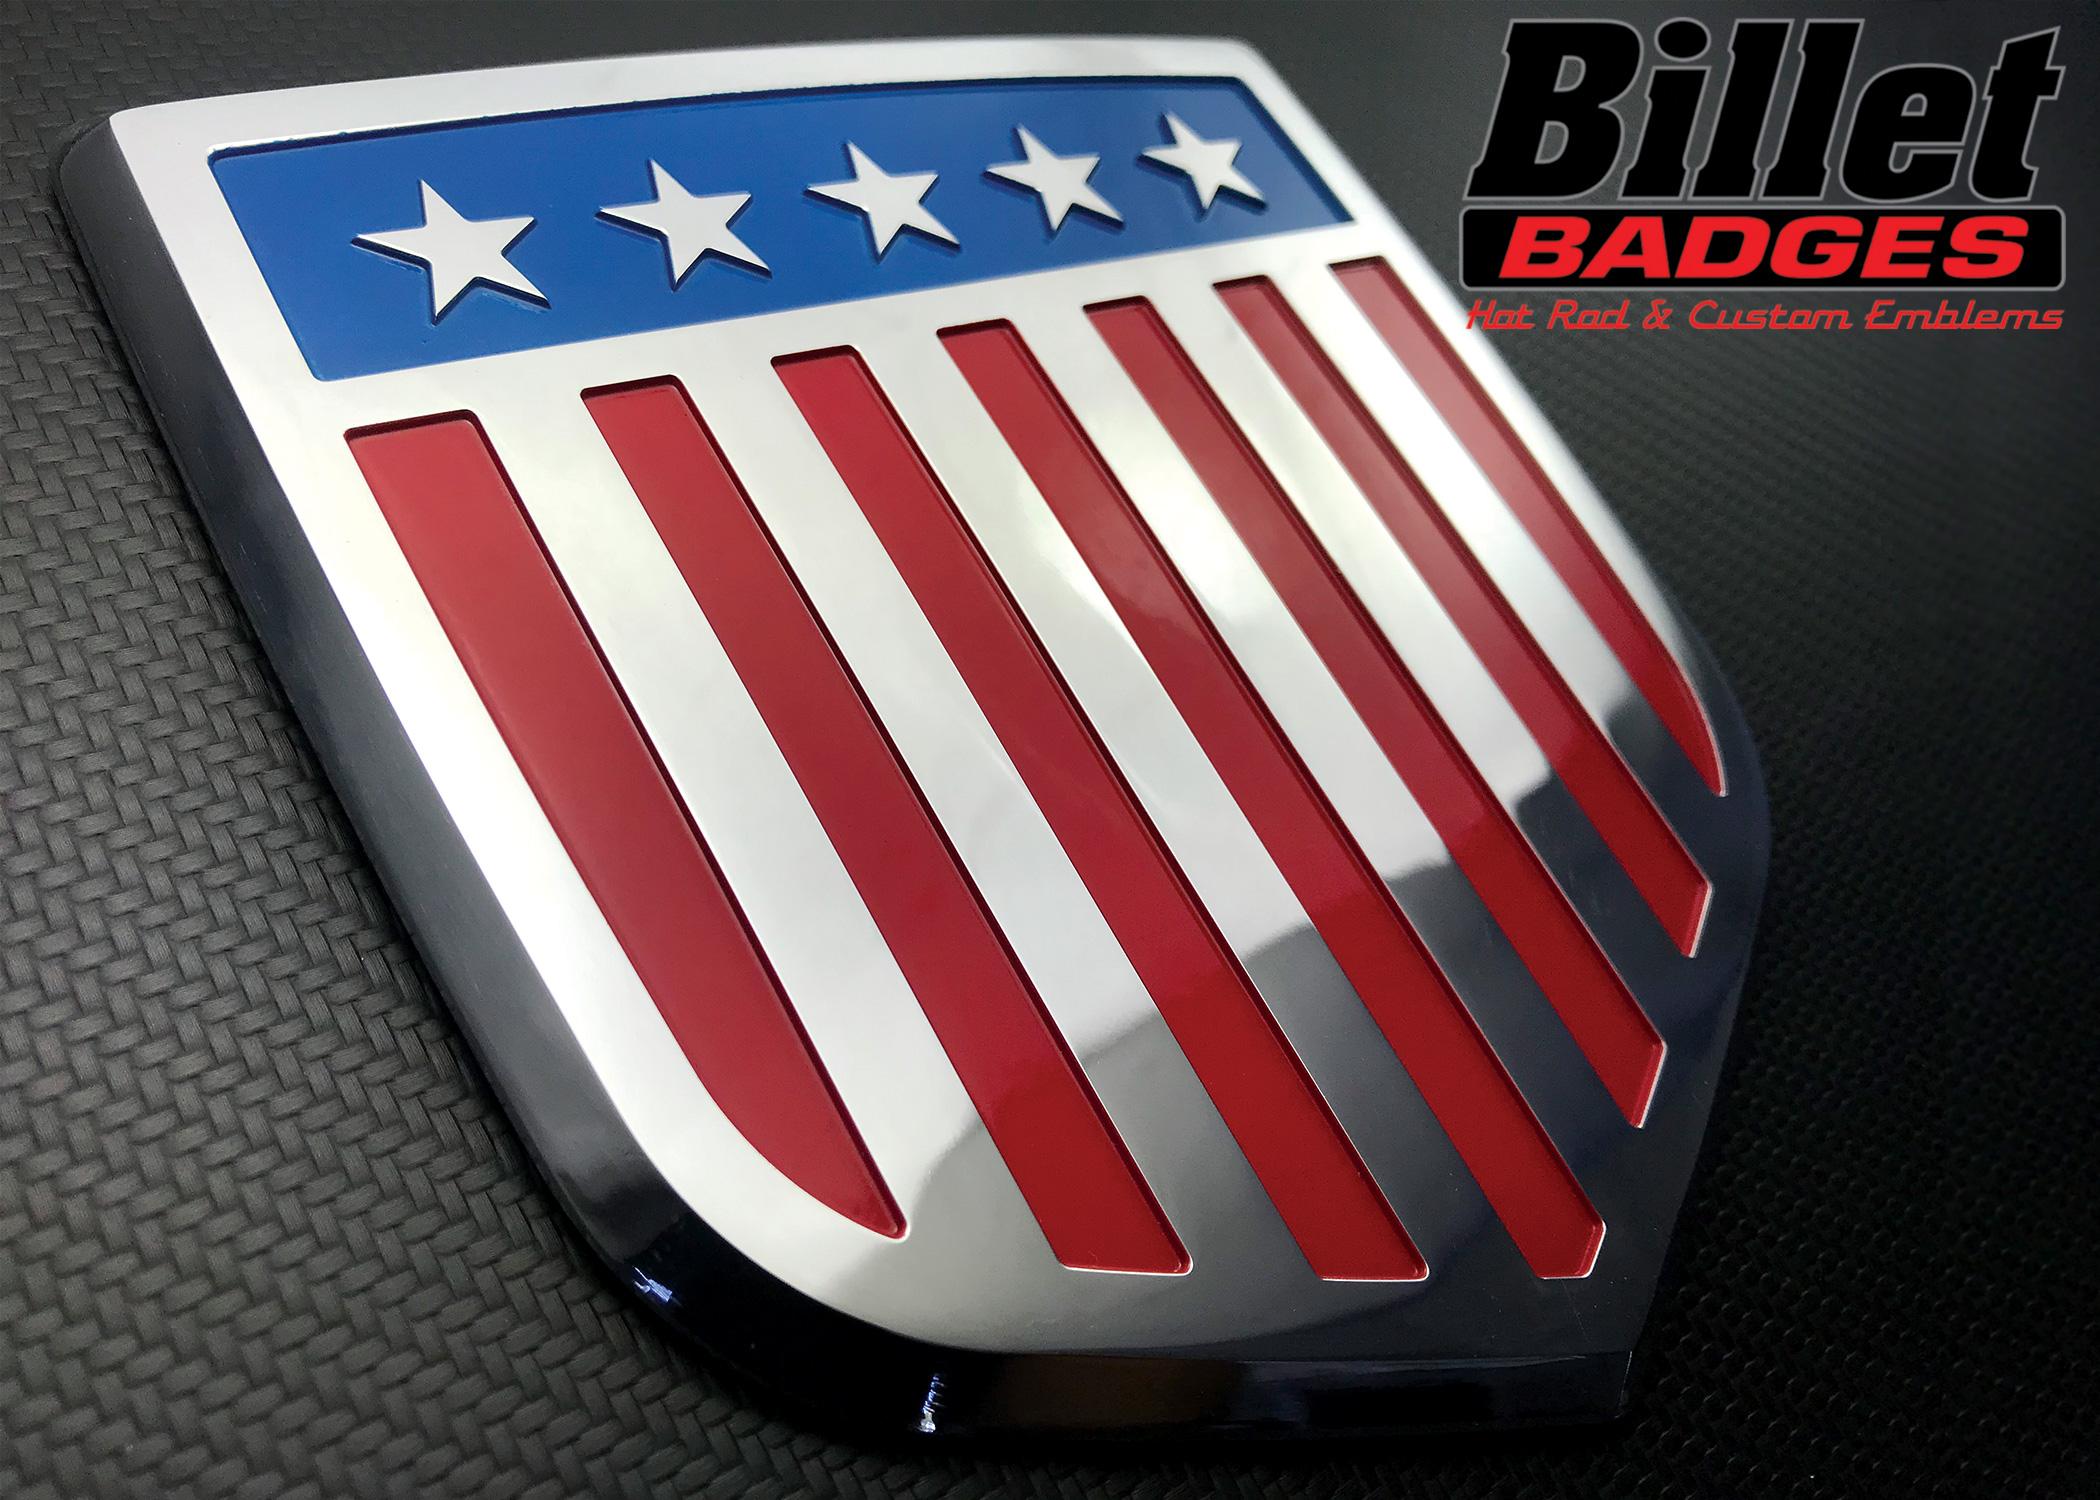 Dodge Shield-Shaped Billet Badges